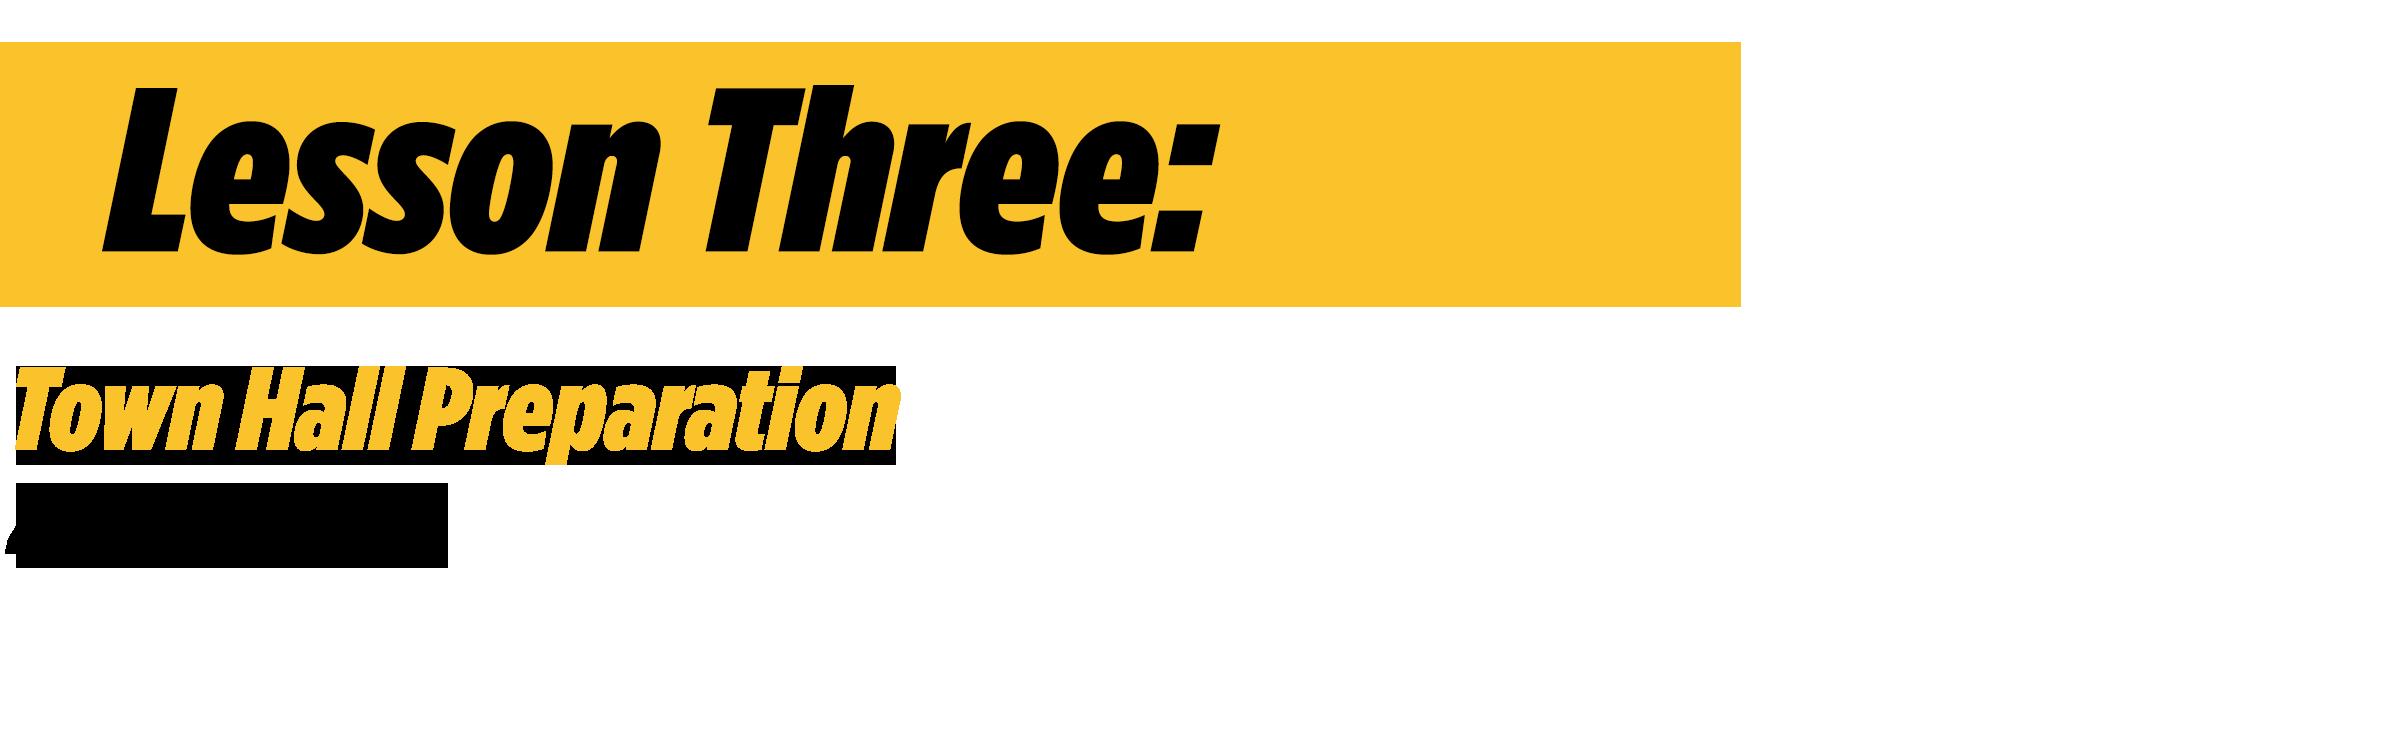 Mod-Three_Lesson-3-Sq.png